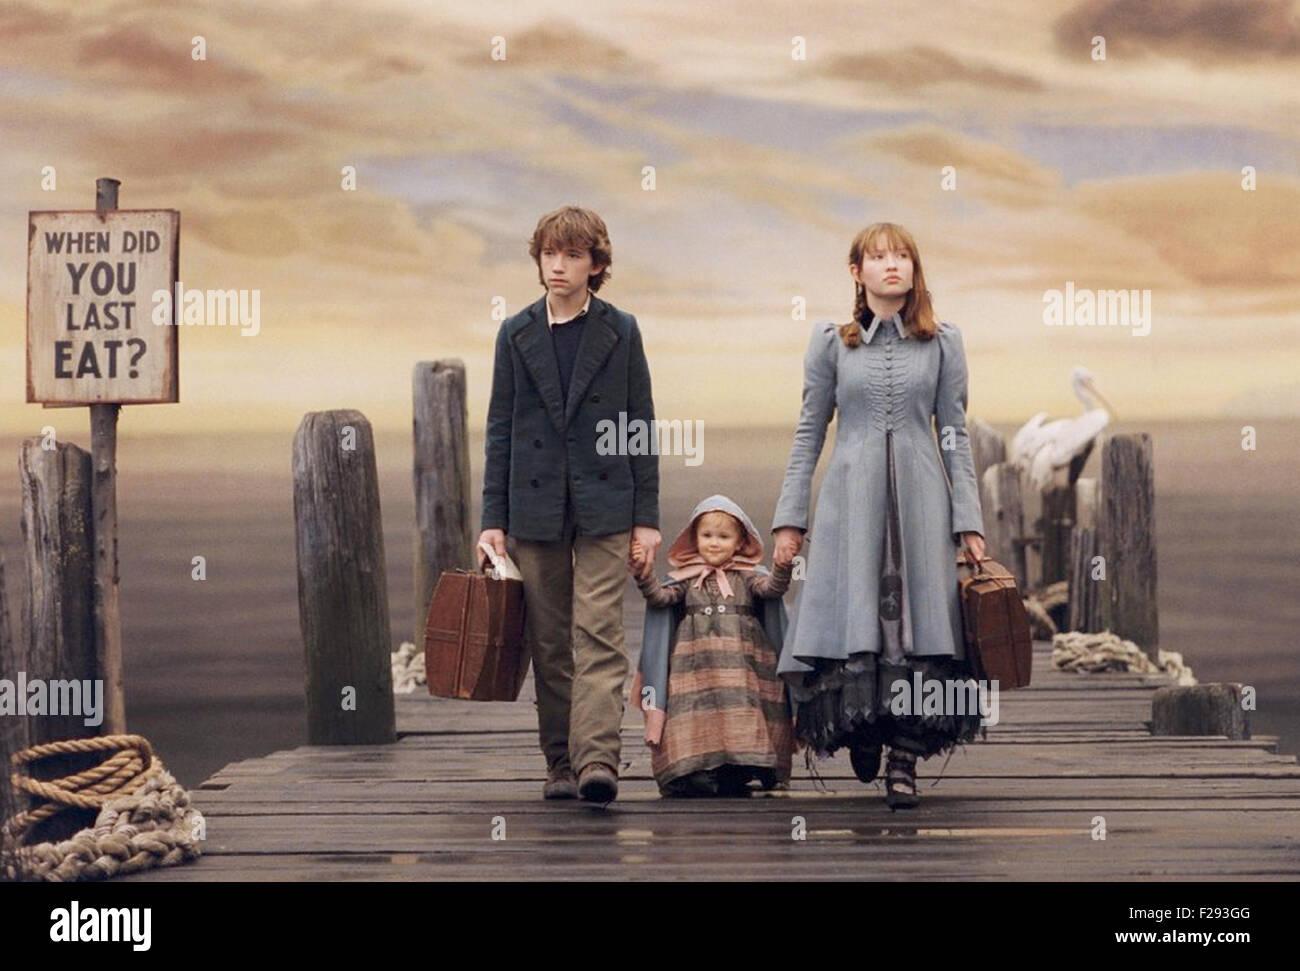 LEMONY SNICKET A Reihe von unglücklichen Ereignisse 2004 Film mit von links: Liam Aiken, Shelby Hoffman, Emily Stockbild